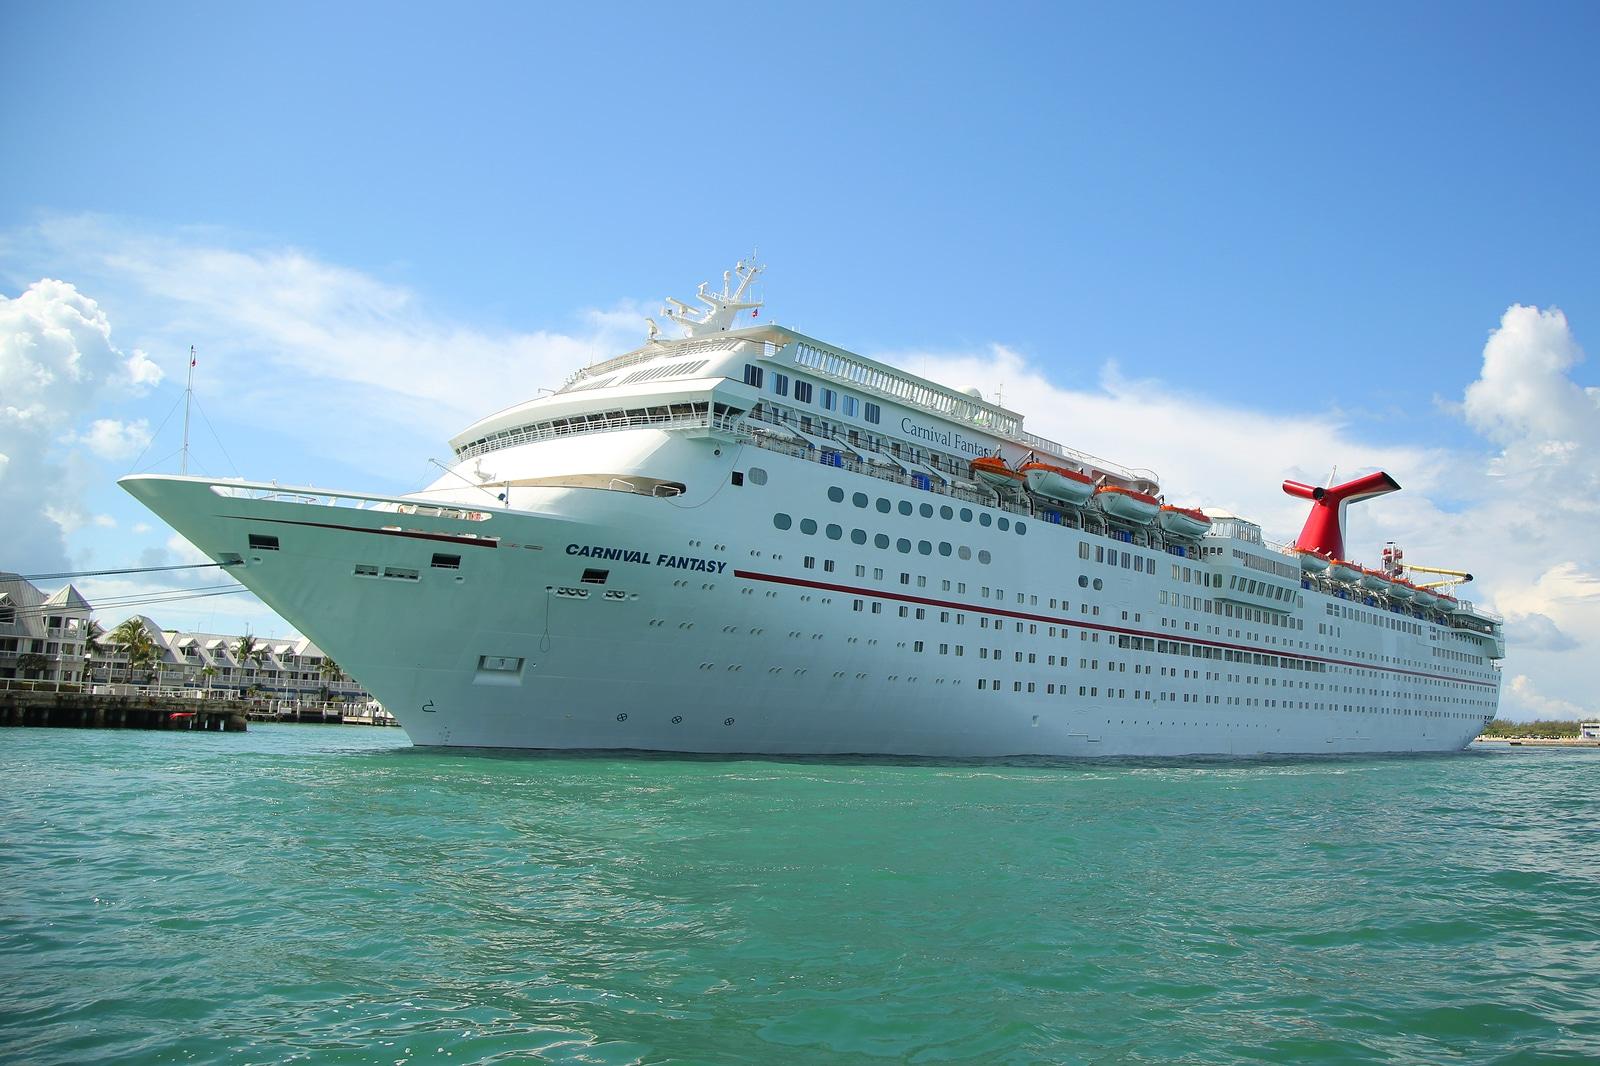 El Cid Vacations Club señala que la temporada de cruceros en Cozumel ha comenzado